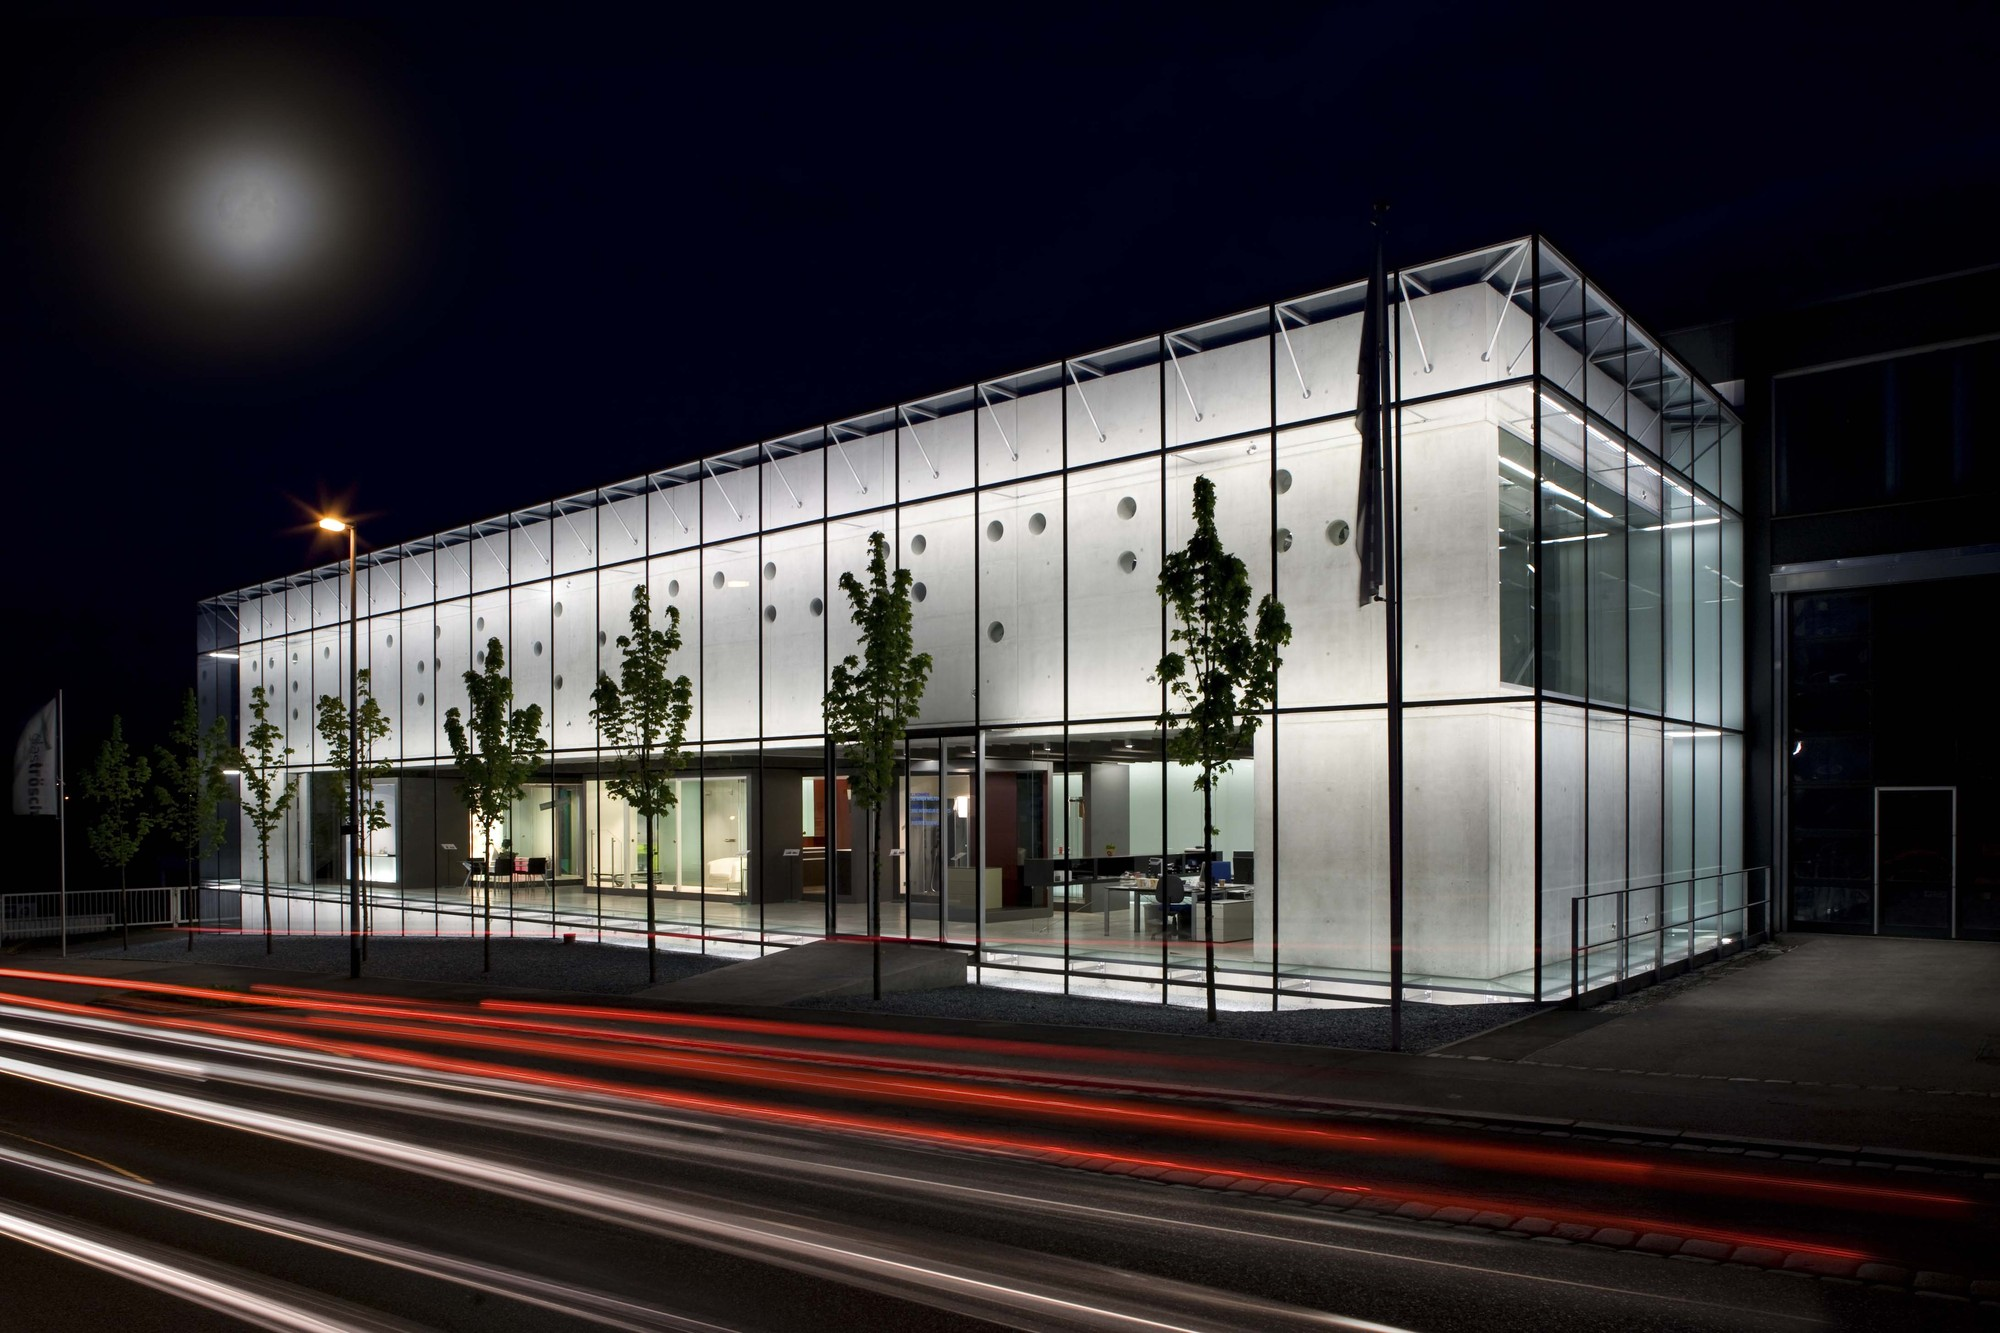 Competence centre glastroesch becker architekten archdaily - Architekten deutschland ...